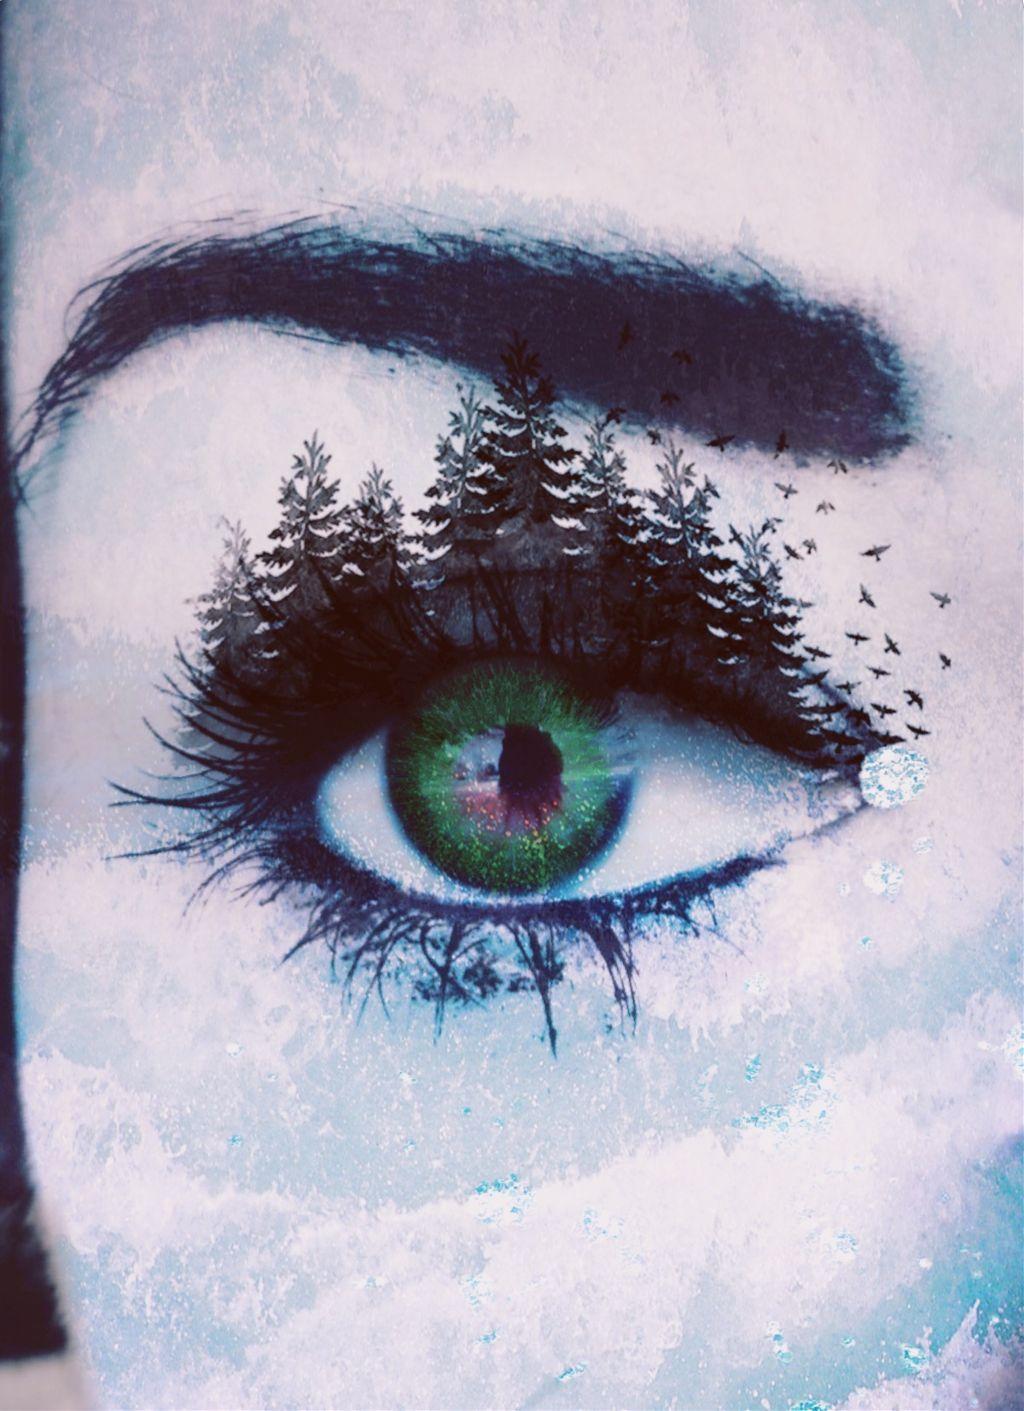 #freetoedit My sweet friend Lily's wonderful eye! @lily1424 👁😘😘😍 #eye #friend #madewithpicsart #myedit #picsarteffects #stickers @picsart 💙